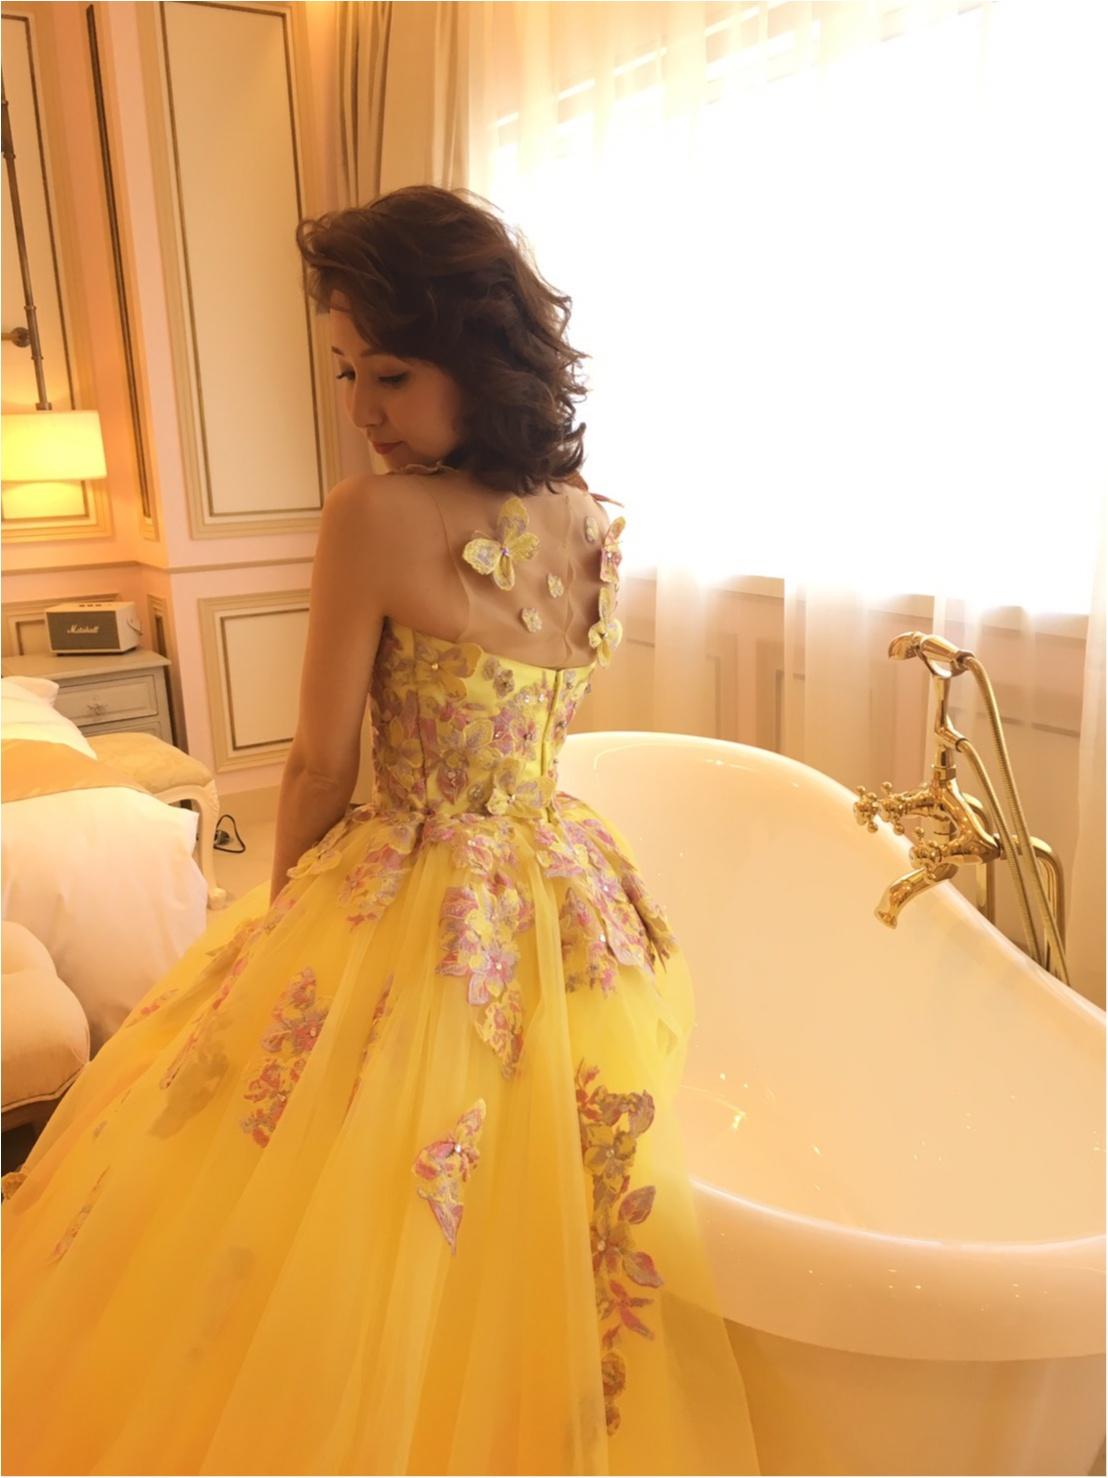 まるでお姫様♡『THE HANY』のウェディングドレスが可愛すぎる!_5